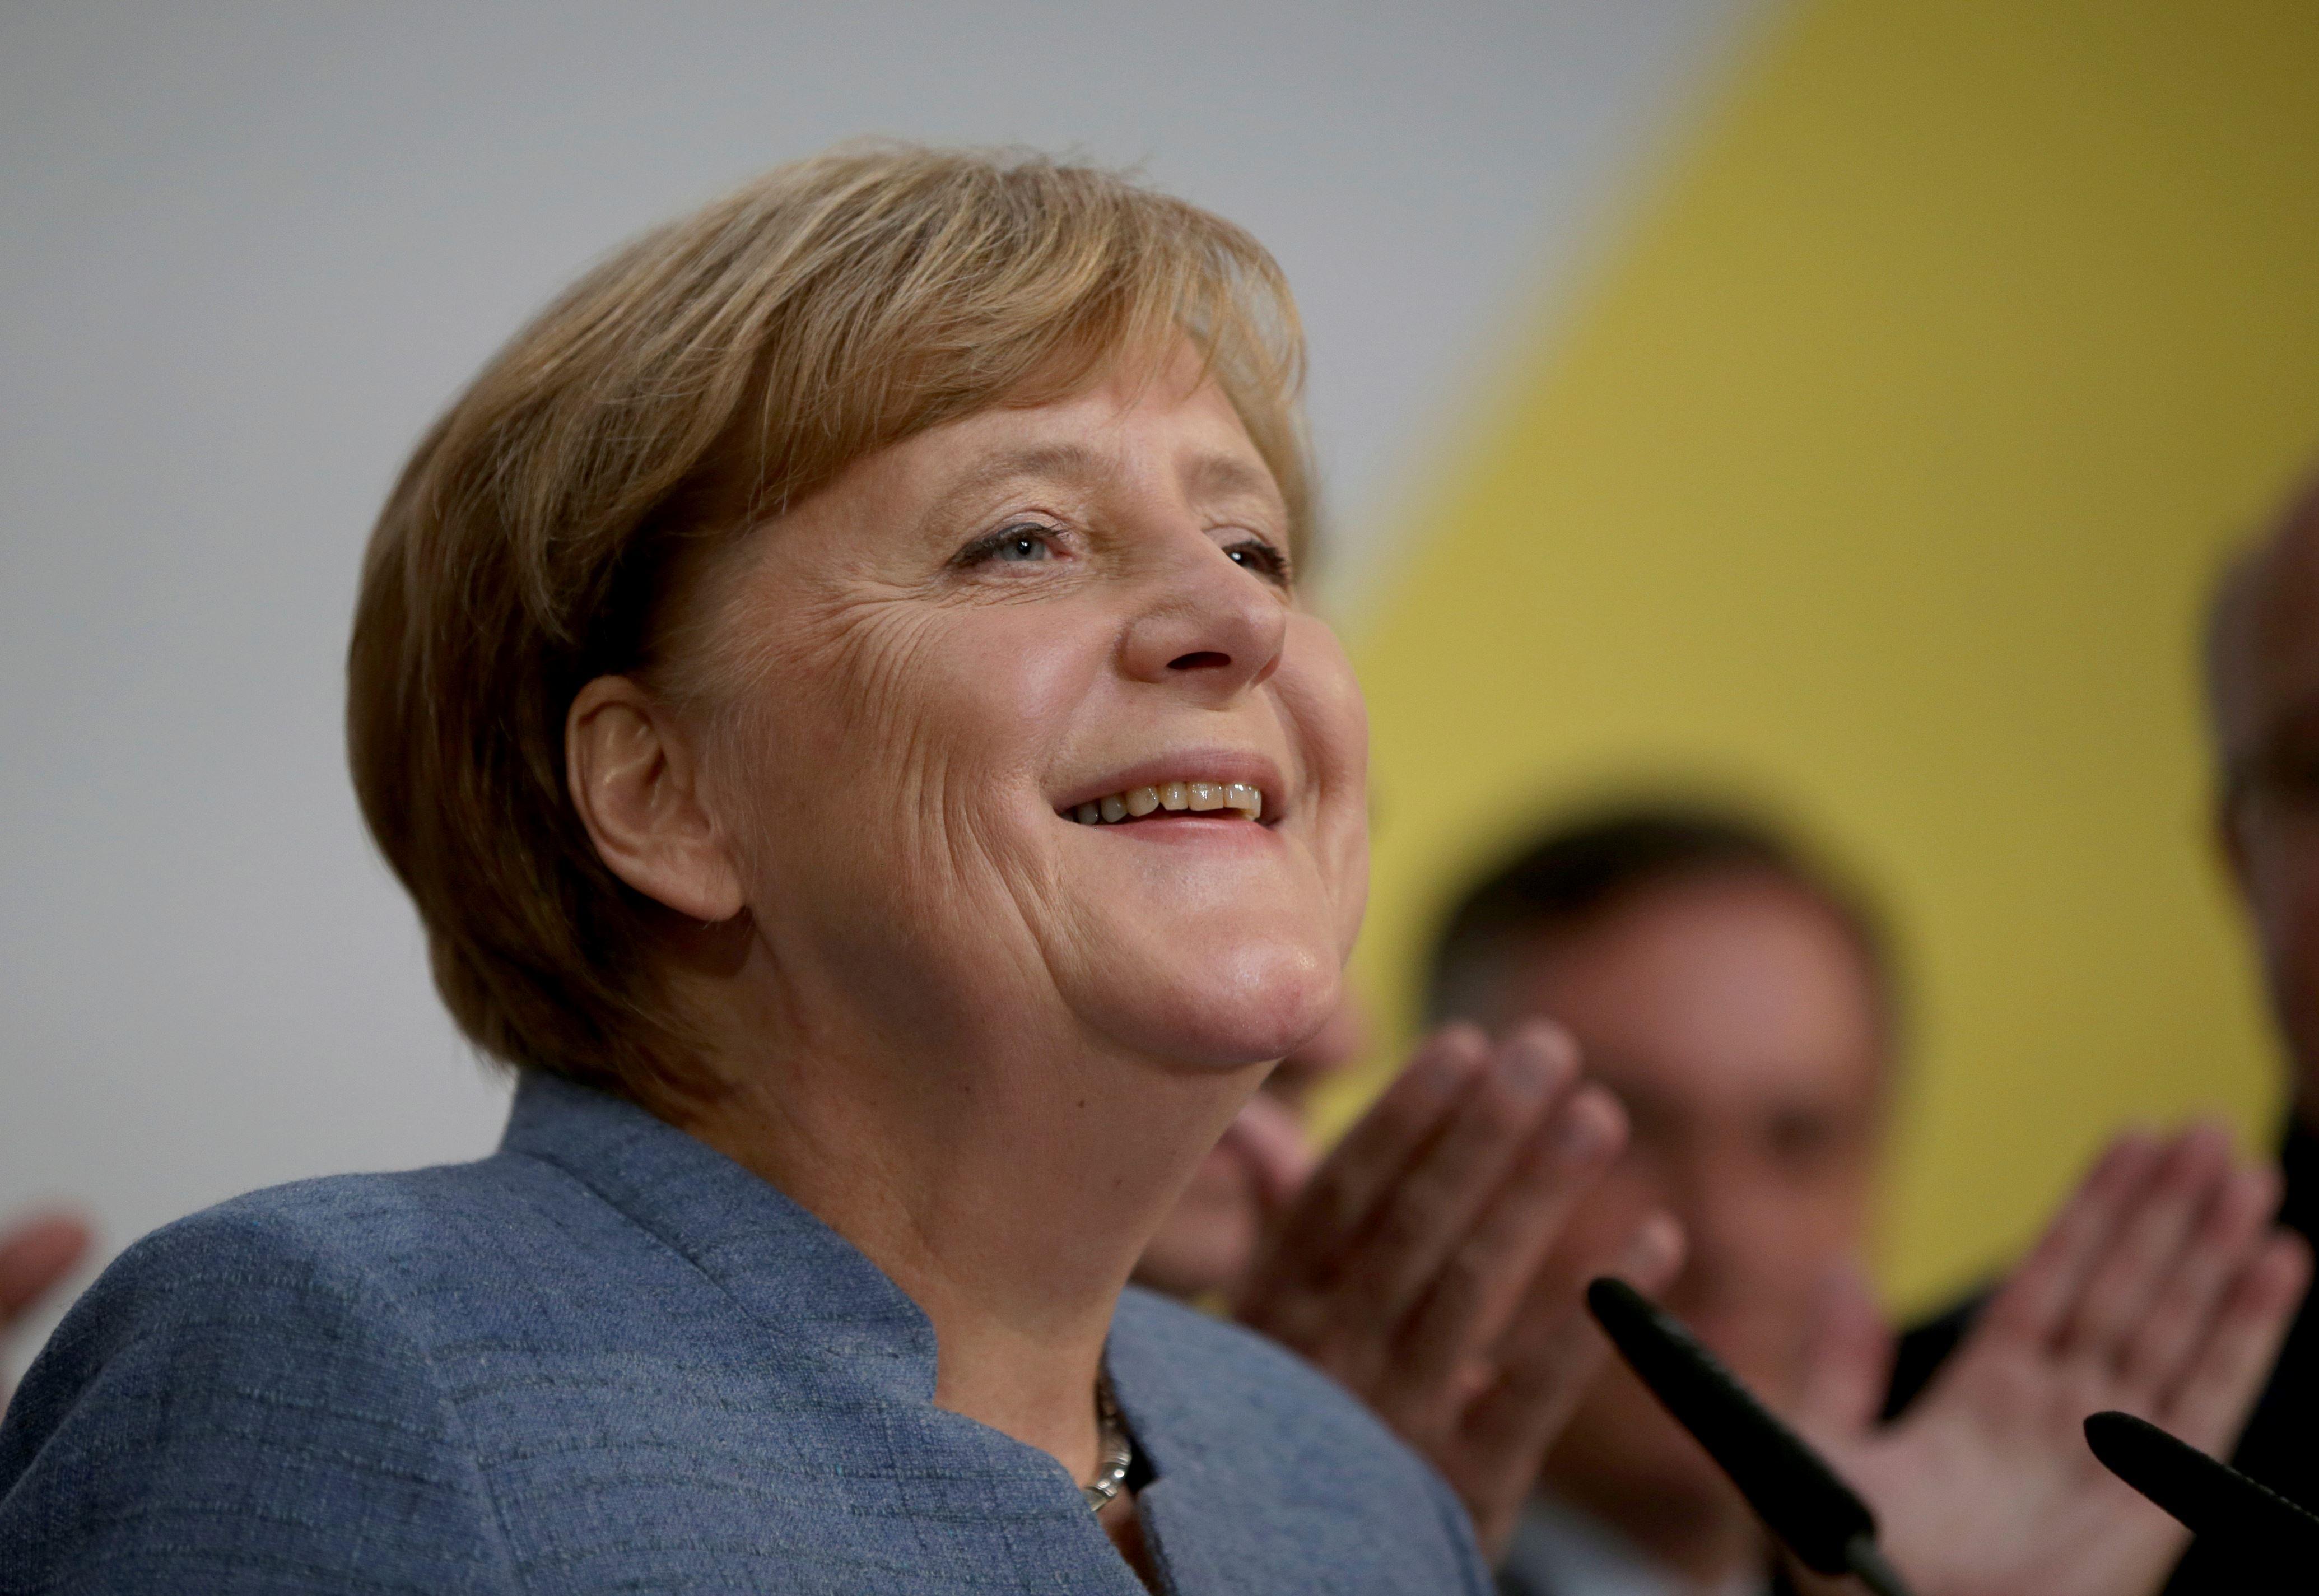 Merkel wins 4th term but nationalists surge in German vote